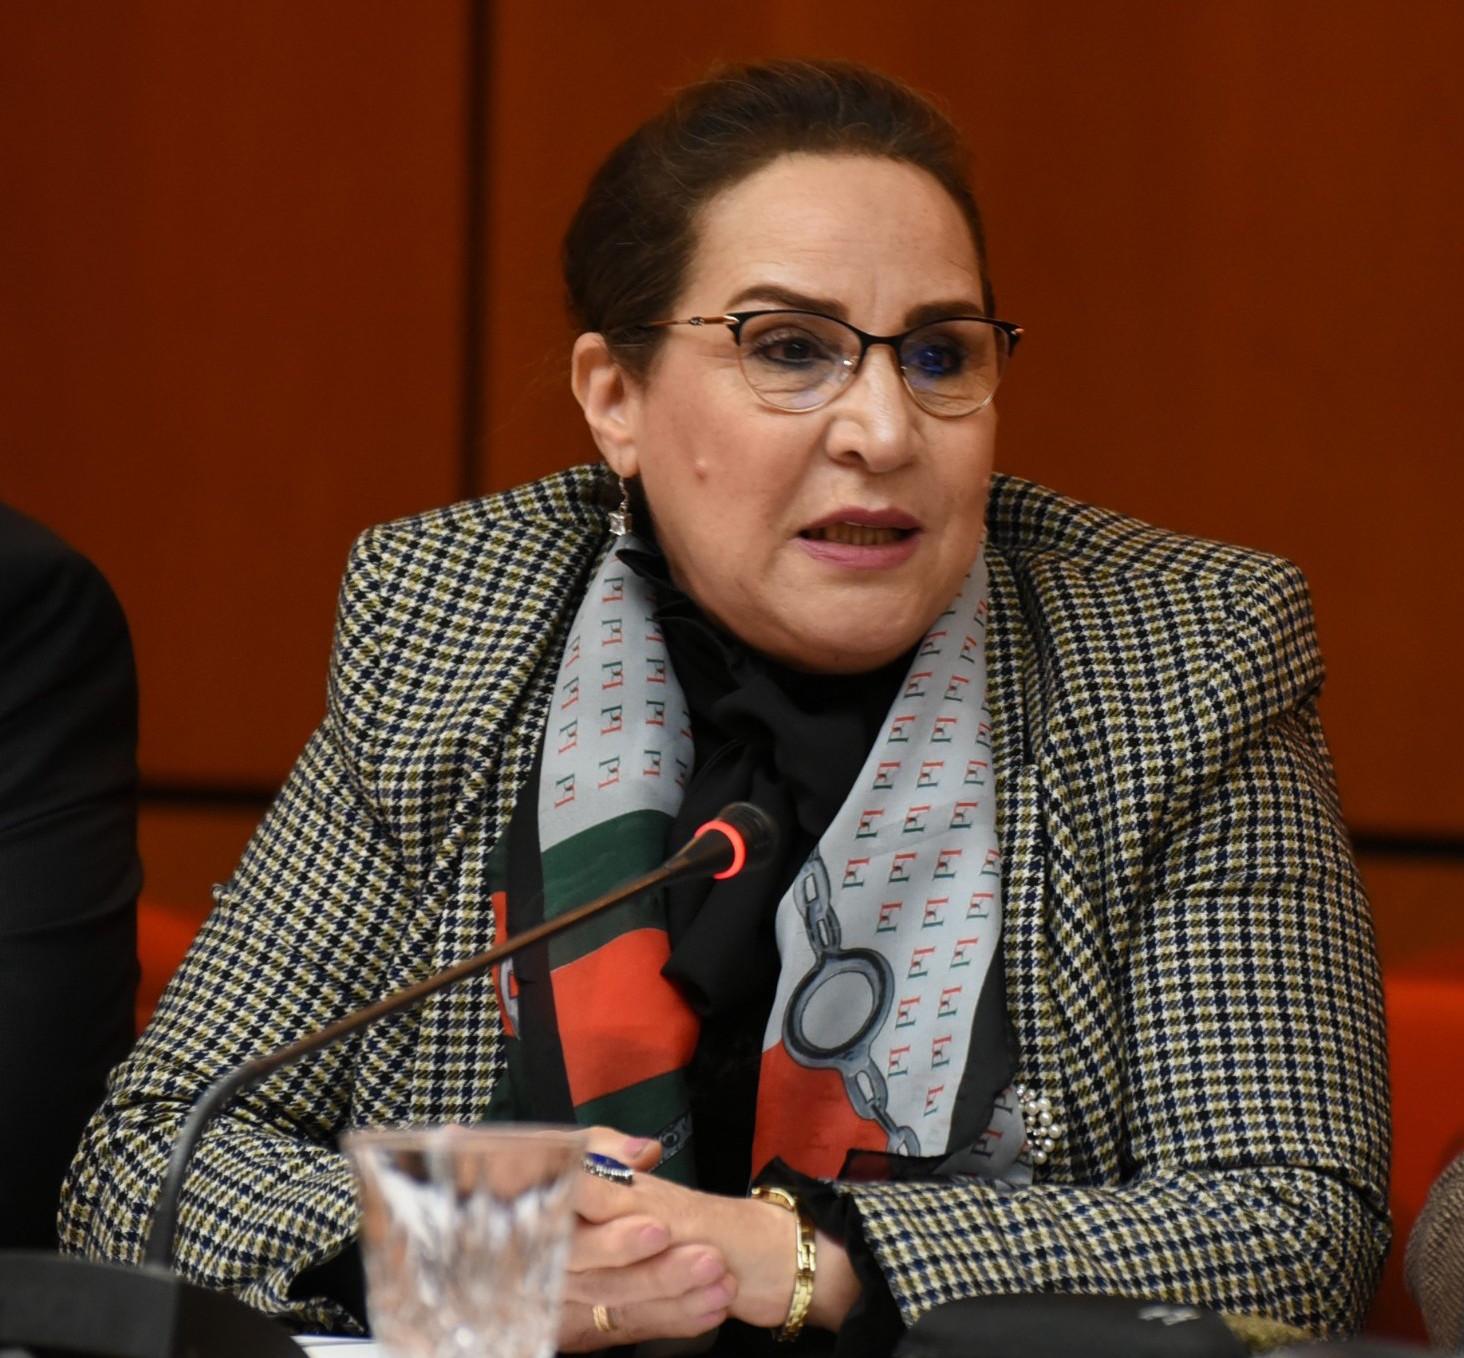 الأخت سعيدة أيت بوعلي : تركيز الجهود الدينية بالمناطق الهشة من شأنه القضاء على الأفكار المتطرفة